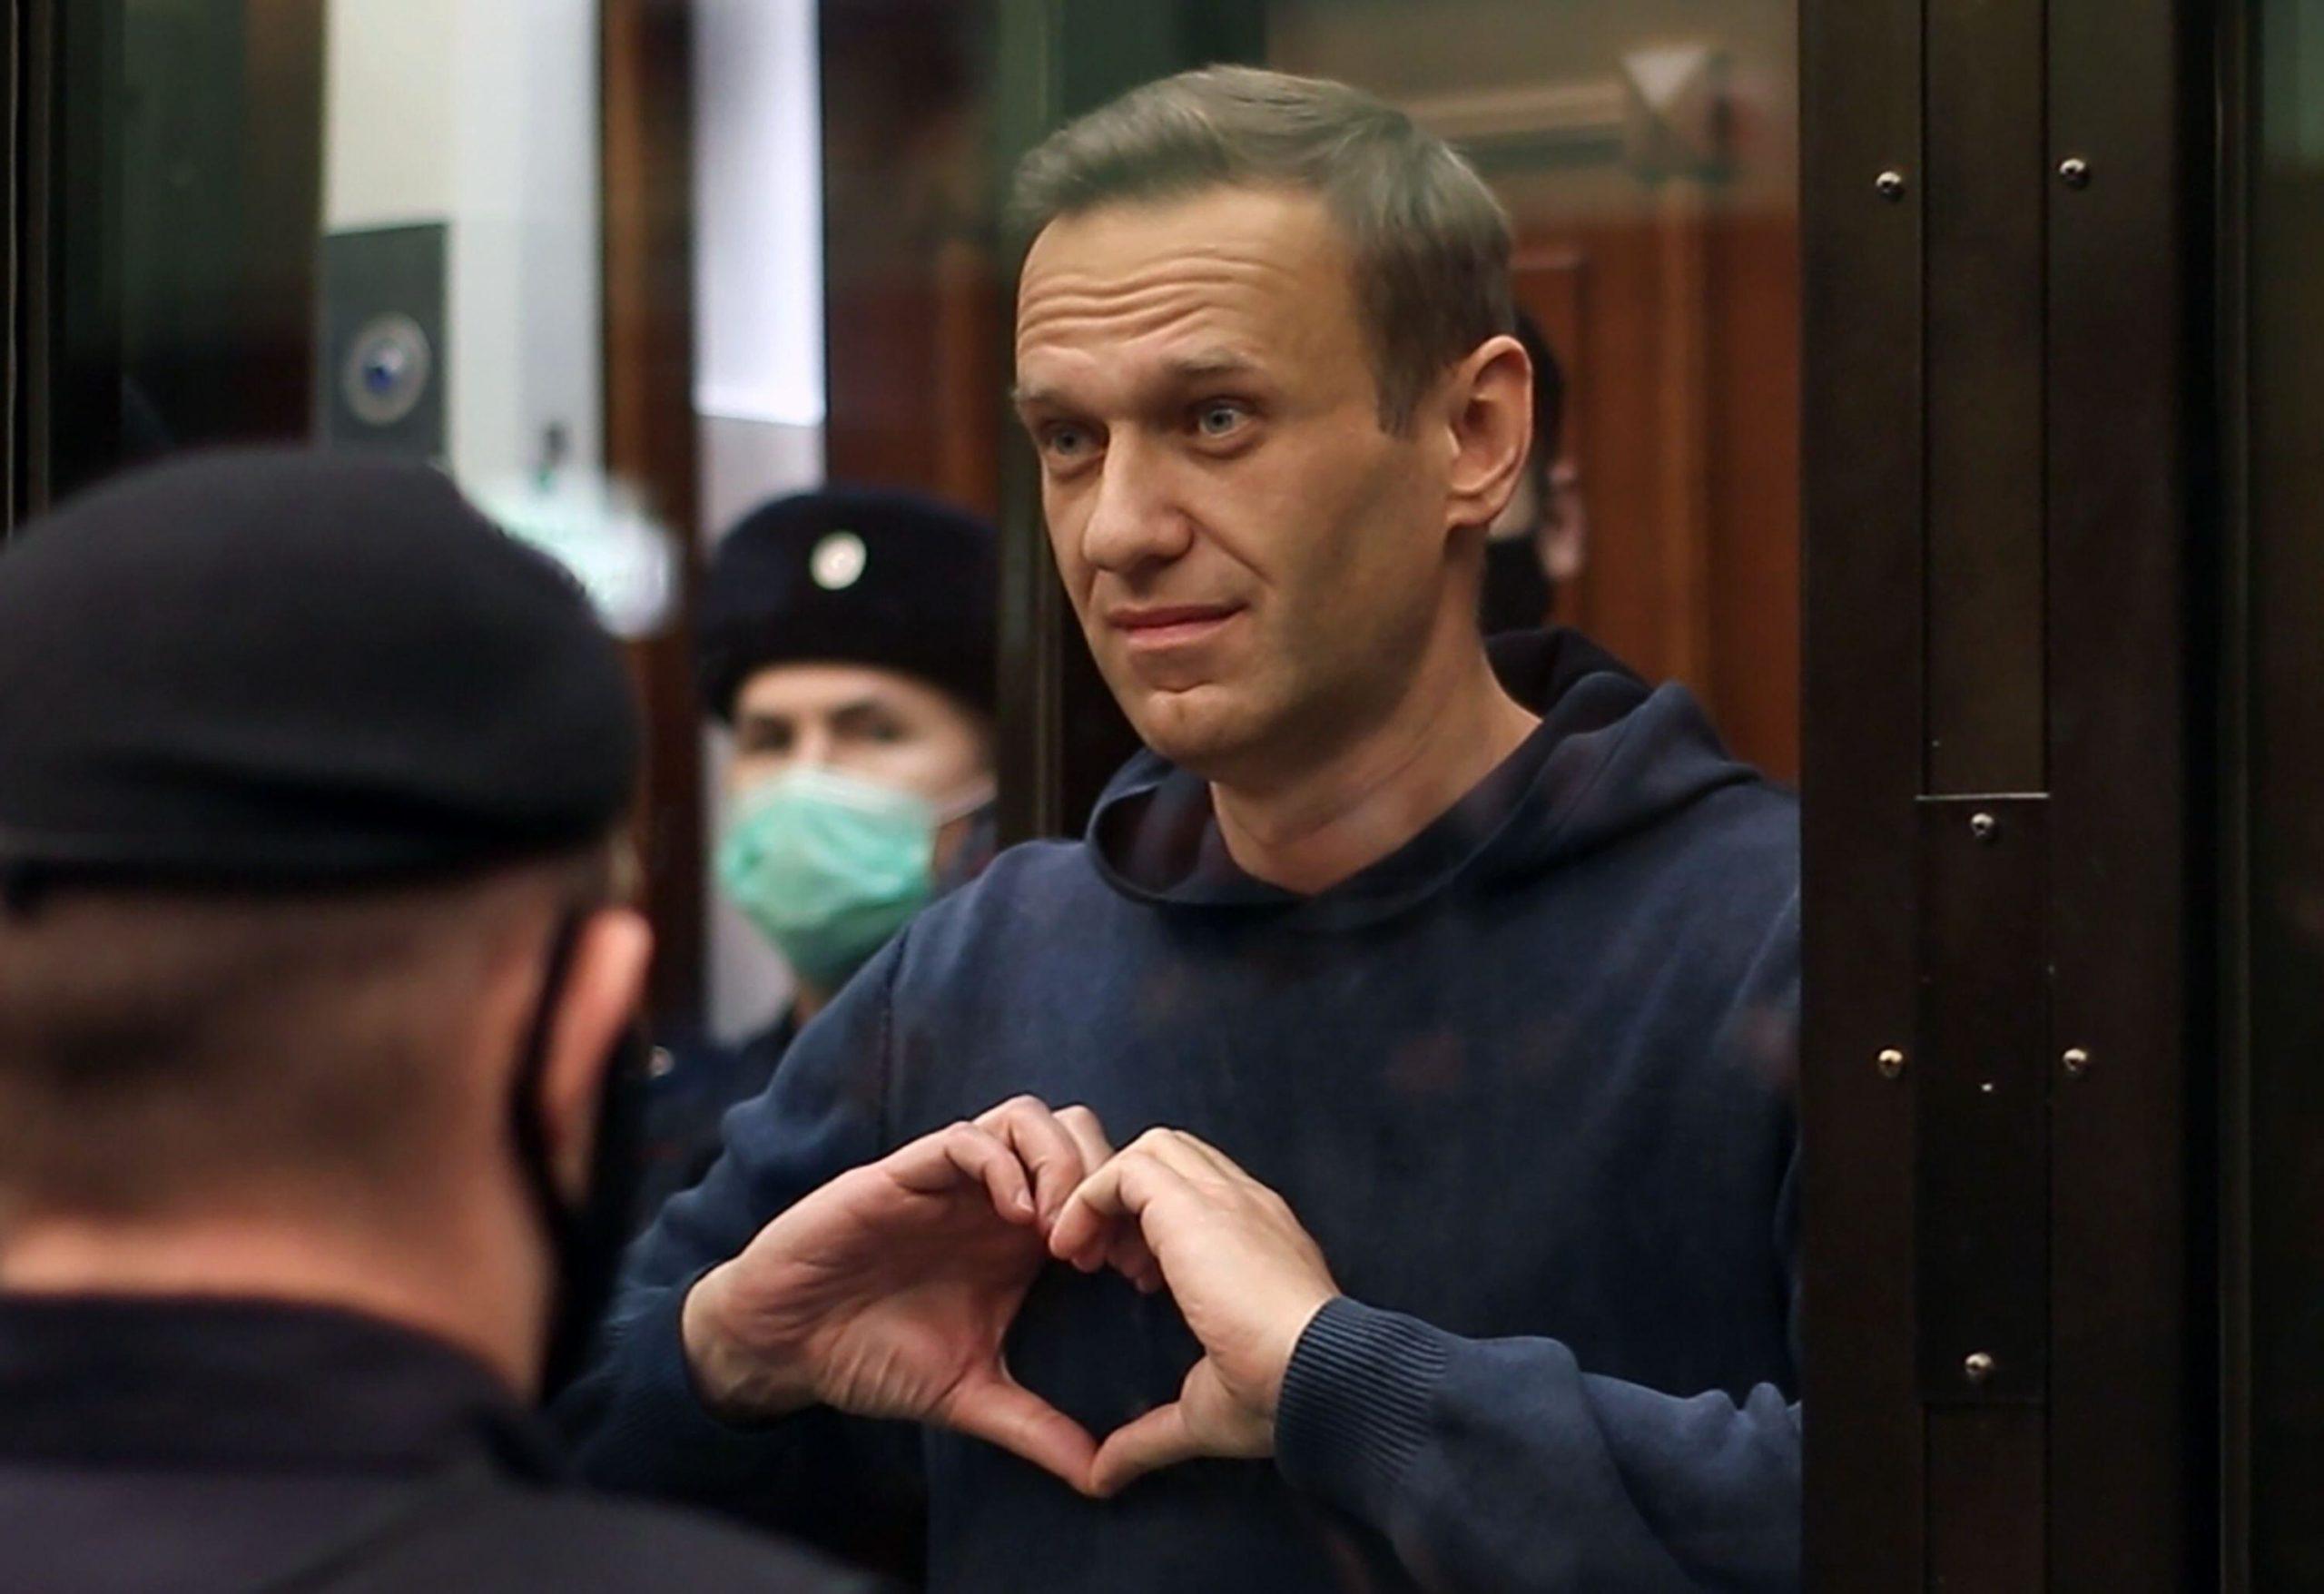 در شرایطی که اعتراضات در روسیه ادامه دارد، برخی مدعی شده اند ولادیمیر پوتین از داشتن سرنوشتی شبیه معمر قذافی دیکتاتور سابق لیبی بیم دارد.